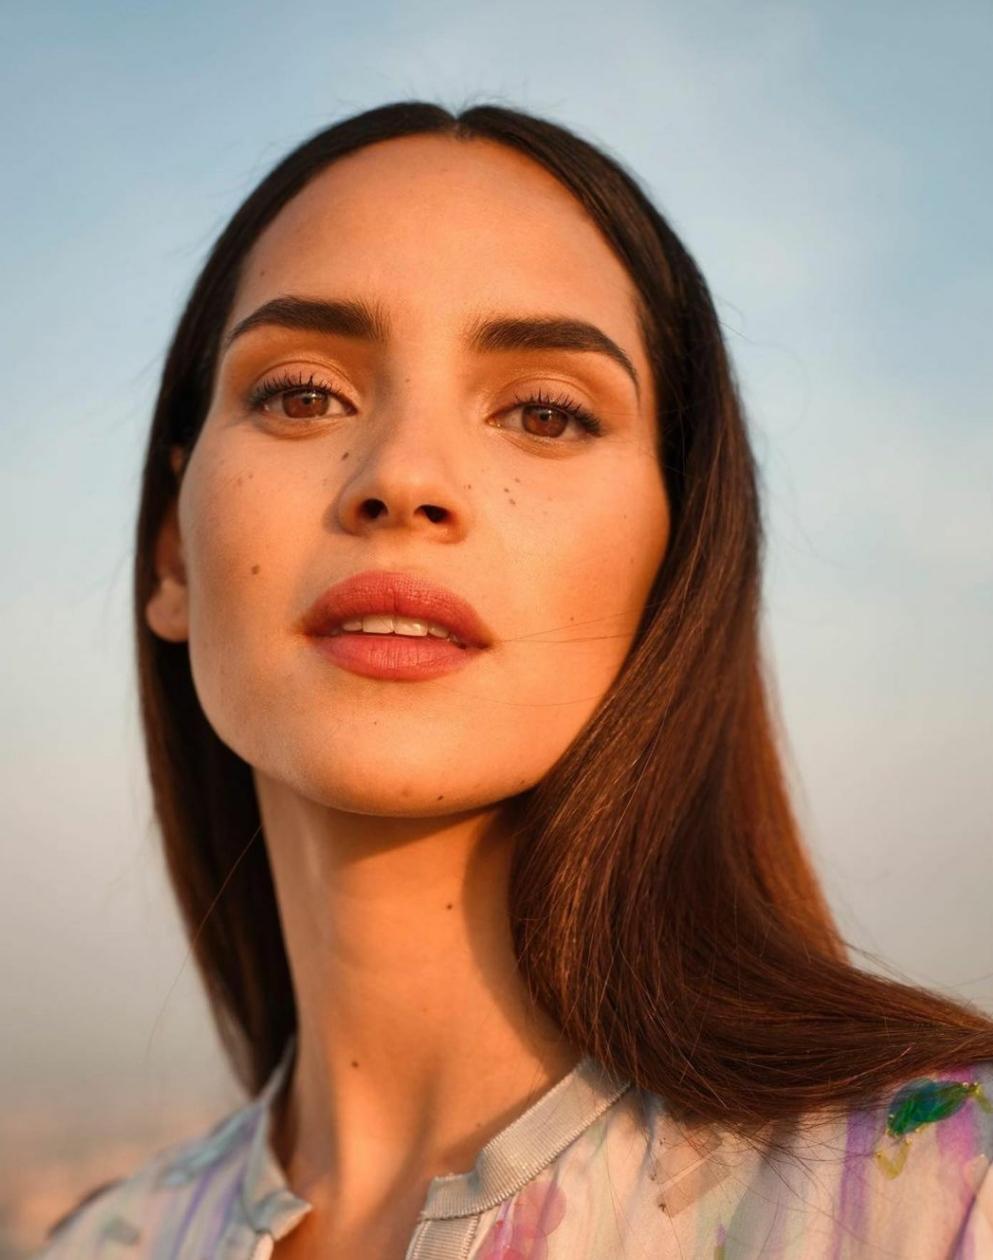 7 πράγματα που δεν γνώριζες για την Adria Arjona